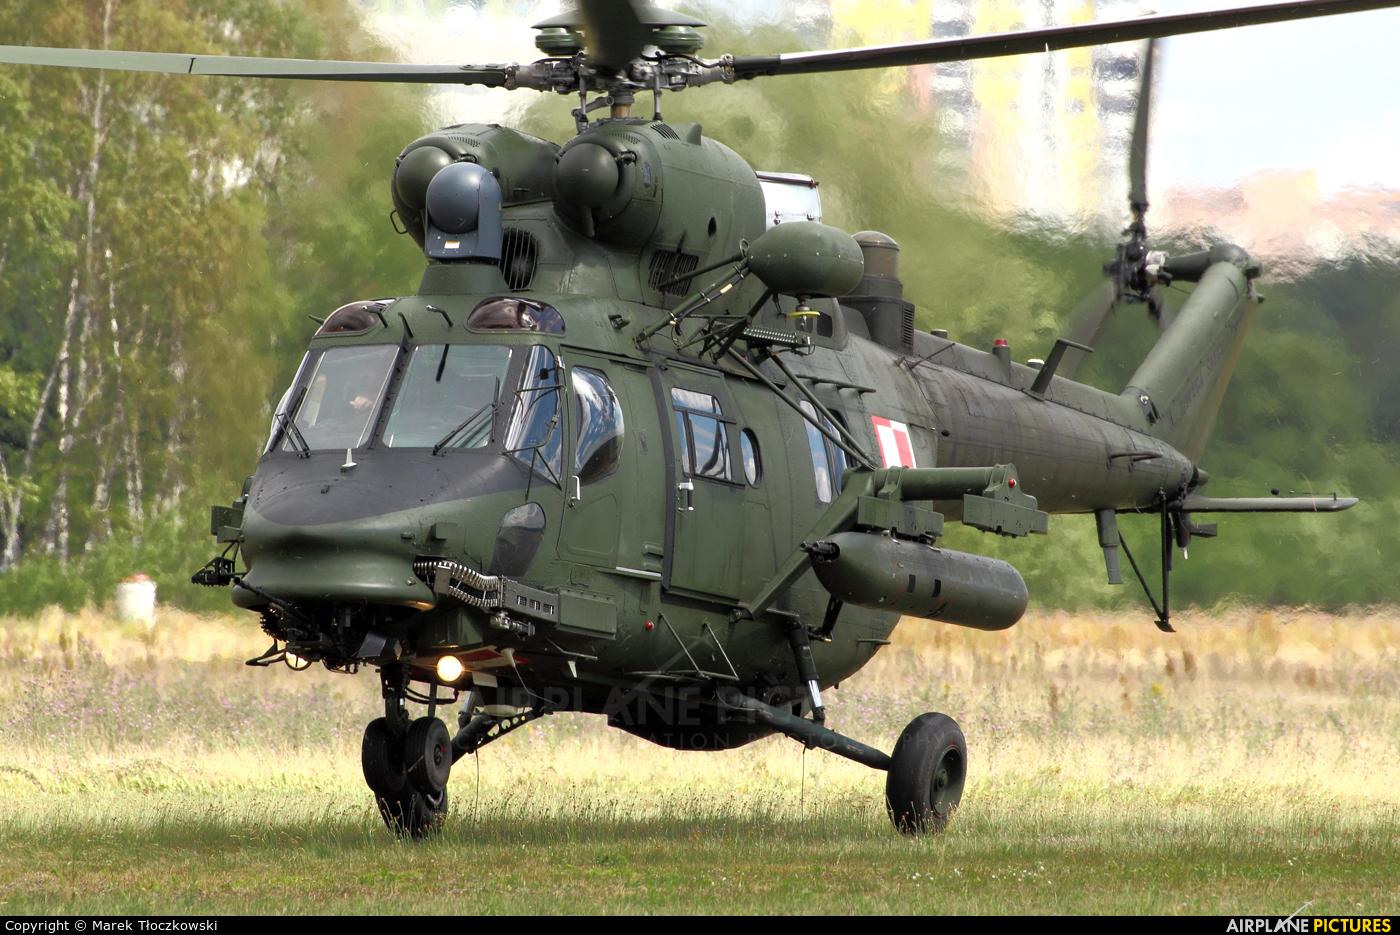 Poland - Army 0901 aircraft at Warsaw - Babice